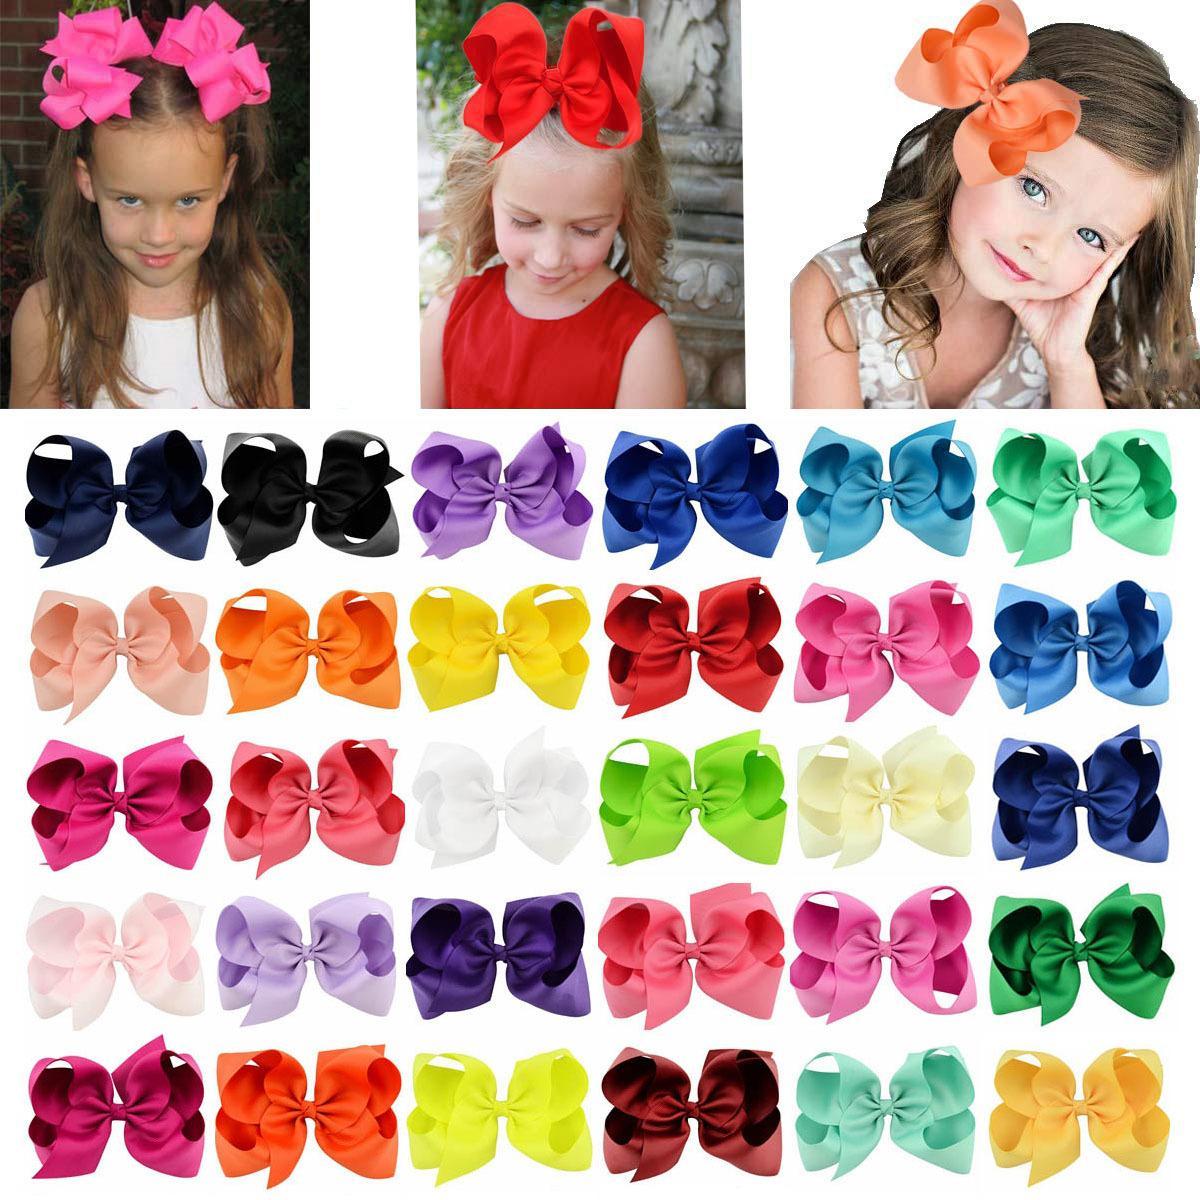 40 ألوان 6 بوصة الشريط القوس قوس دبوس مقاطع الفتيات كبير bowknot باريت أطفال الشعر بوتيك الانحناء الأطفال اكسسوارات للشعر للأطفال KFJ14